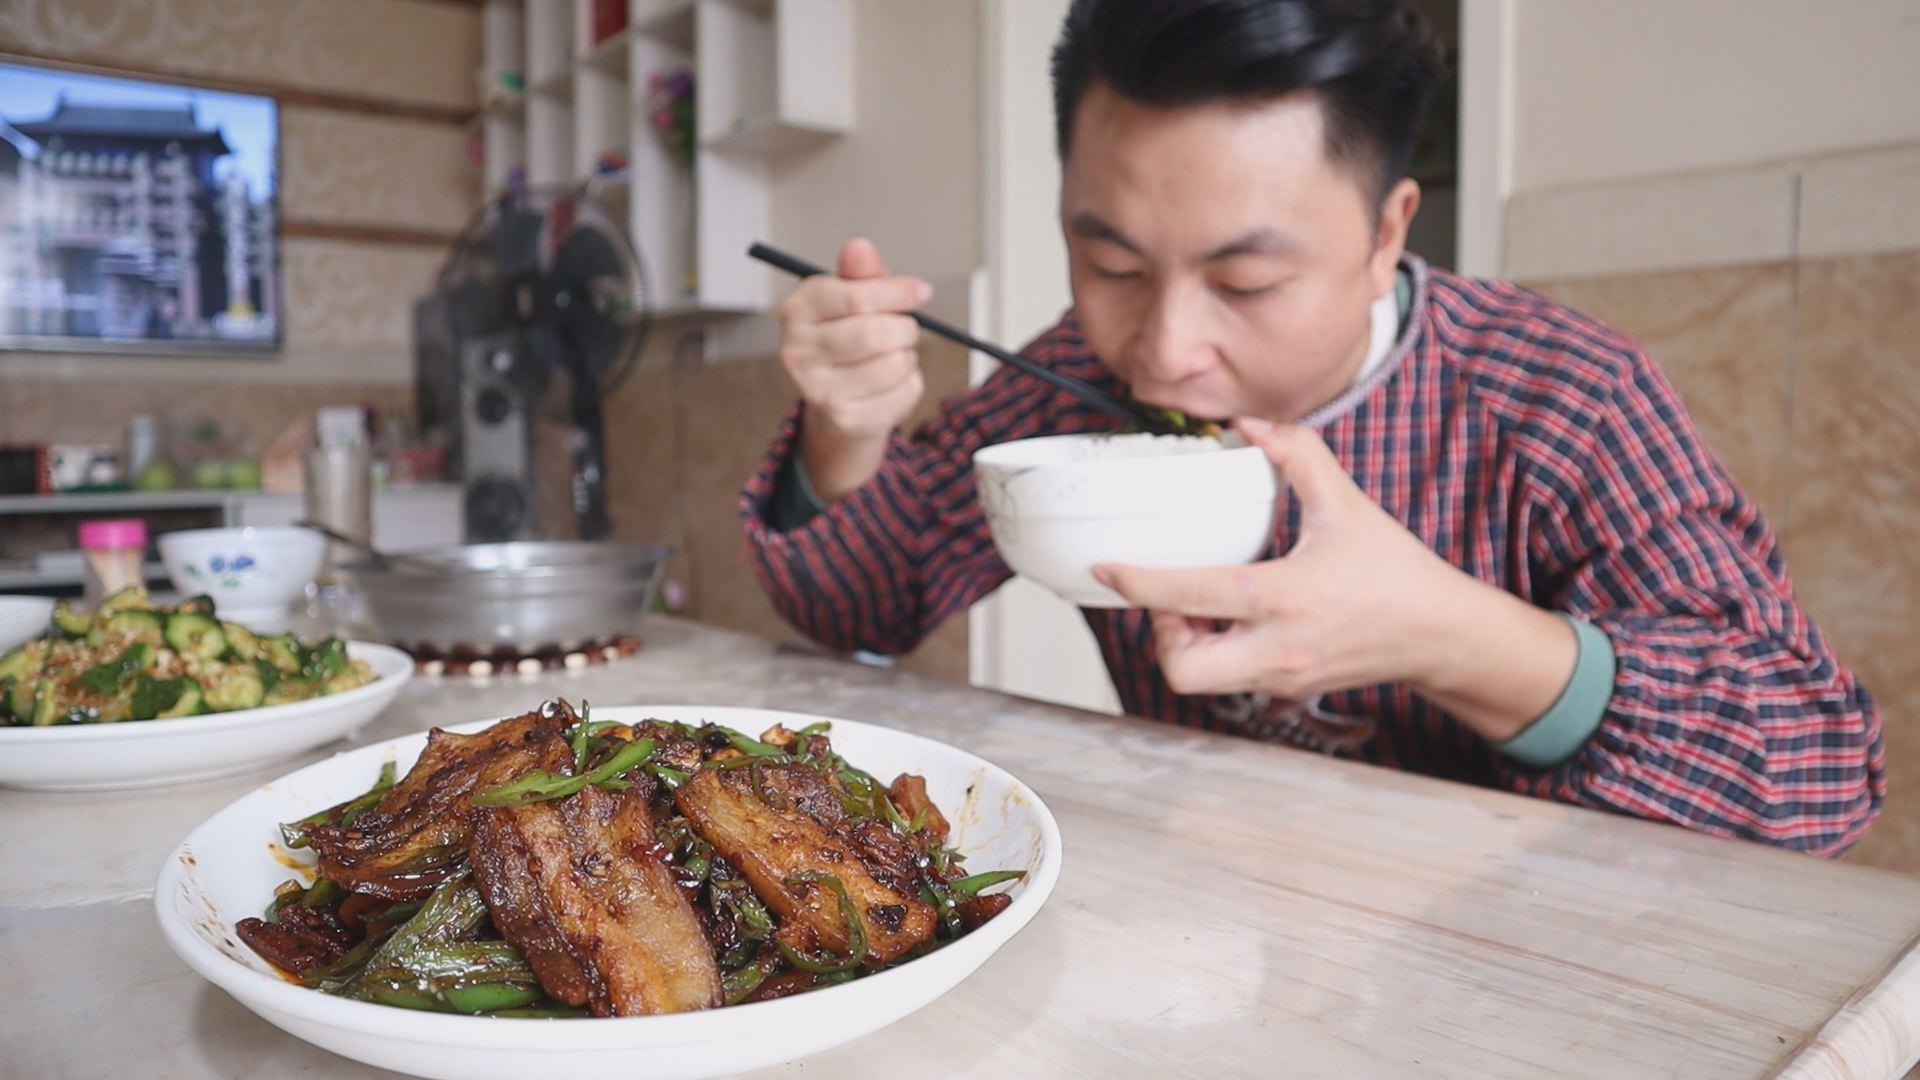 今日午饭尖椒回锅,几个月没吃过了,一口尖椒一口肉,下饭吃真香